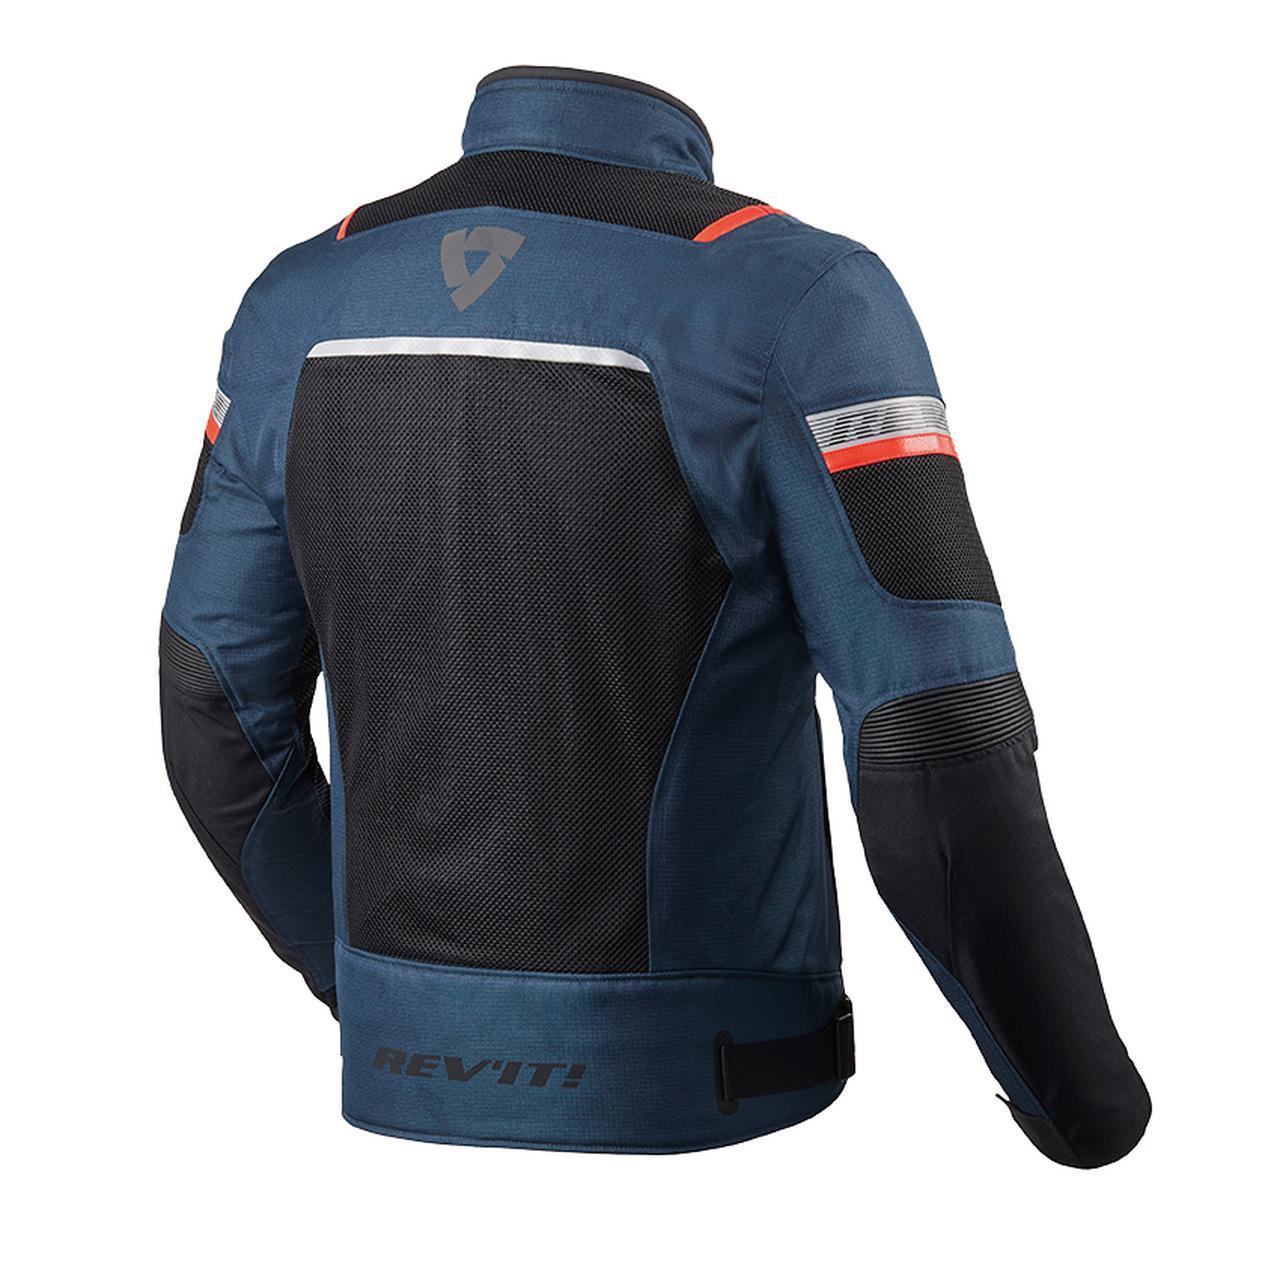 画像4: 丈夫で高品質なメッシュジャケットをお探しなら「レブイット」もあり! 2020年夏向けの新製品を3着紹介します!